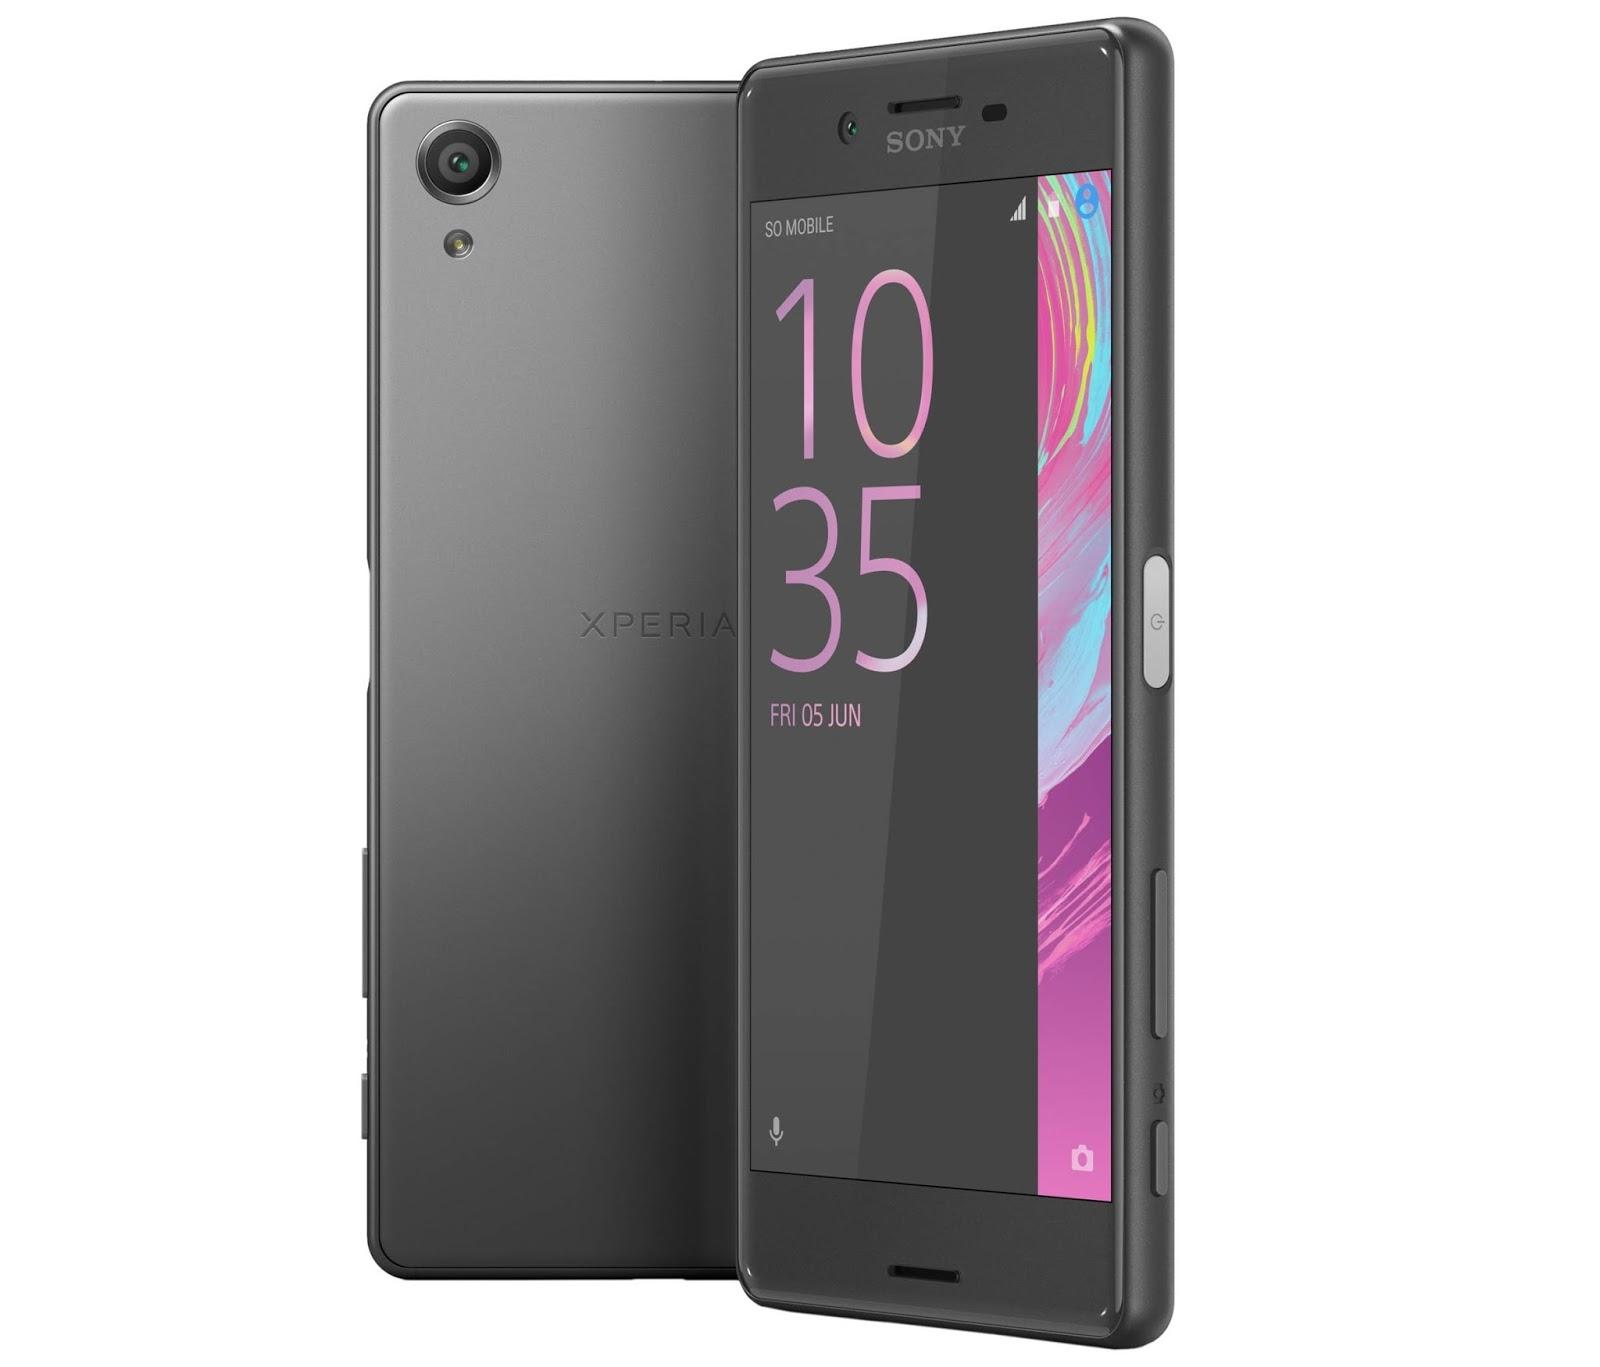 Sony Xperia X Menjadi Salah Satu HP Berteknologi Fingerprint Sensor Sidik Jari Yang Dibanderol Dengan Harga Termurah Yakni Sekitar 39 Jutaan